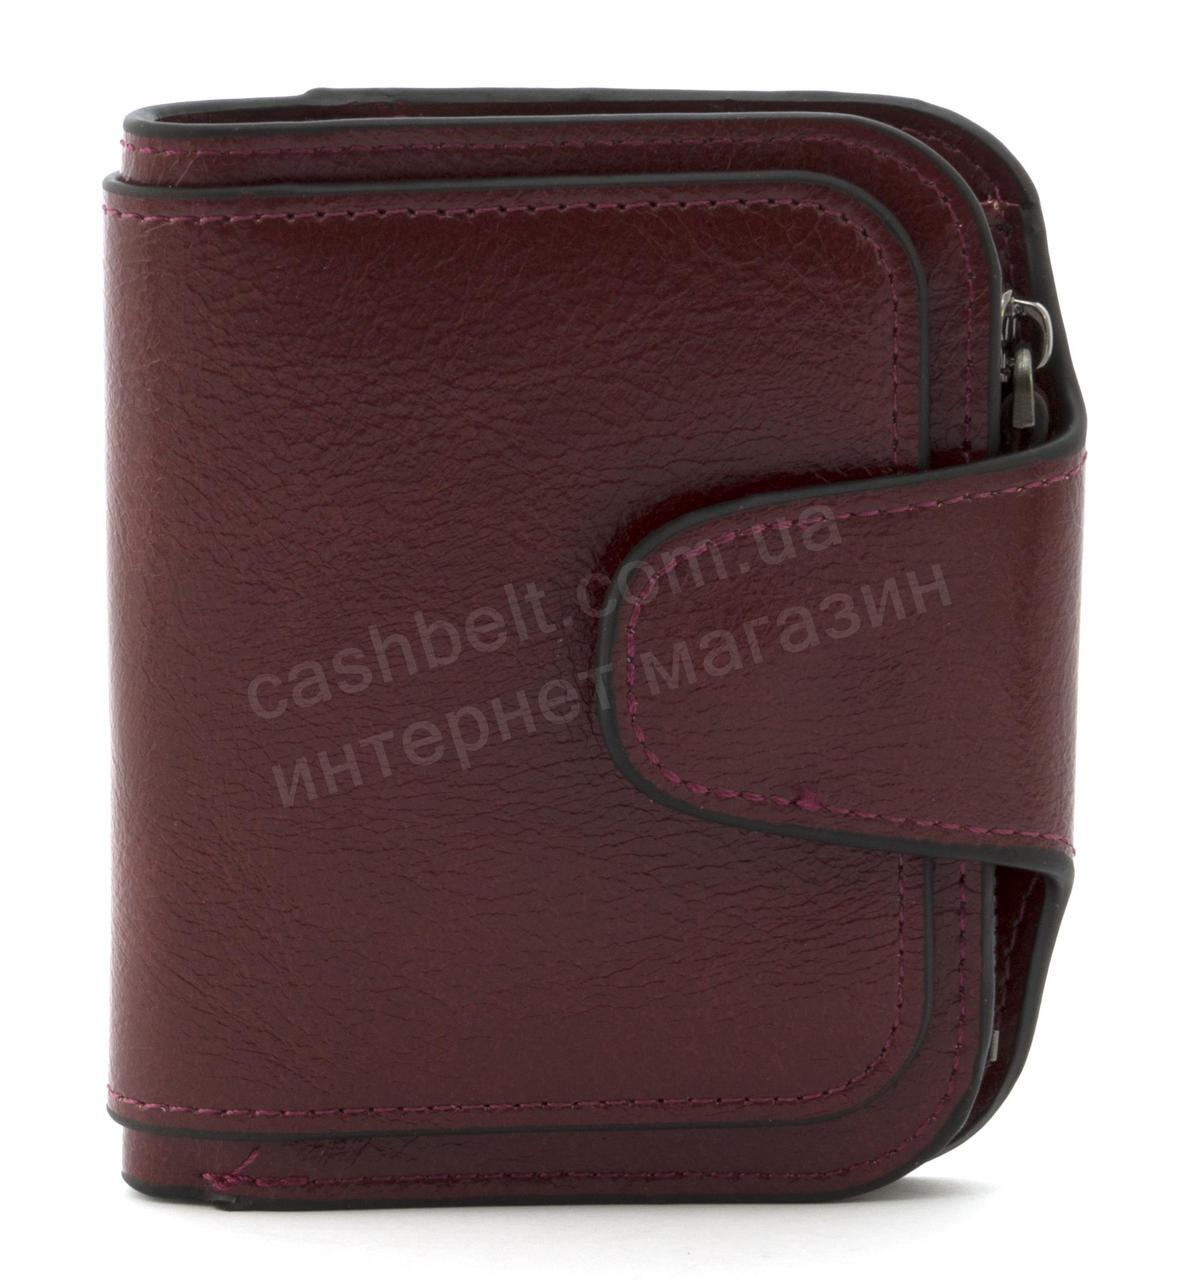 Женский компактный многофункциональный вместительный кошелек FUERDANNIart. 845вишневый